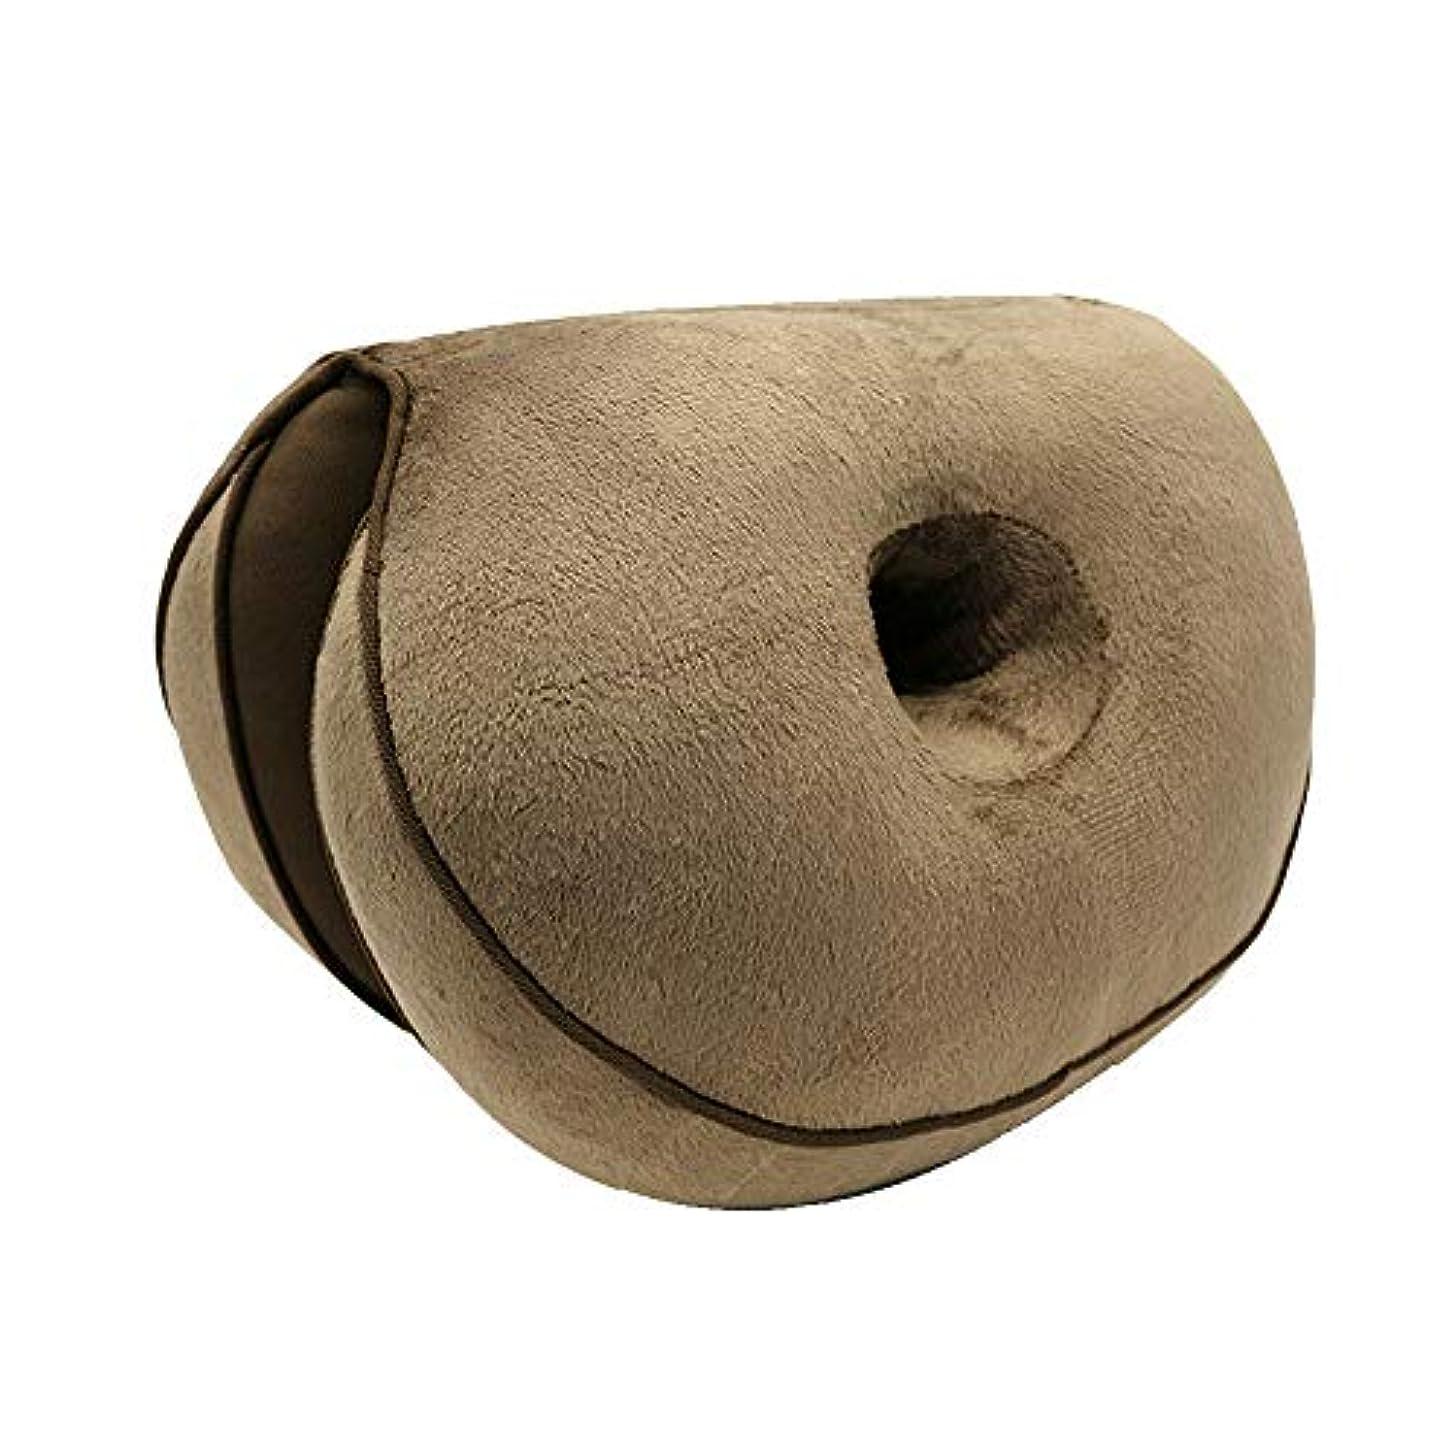 嫌い台無しに時LIFE 新デュアルシートクッション低反発ラテックスオフィスチェアバックシートクッション快適な臀部マットパッド枕旅行枕女性女の子 クッション 椅子